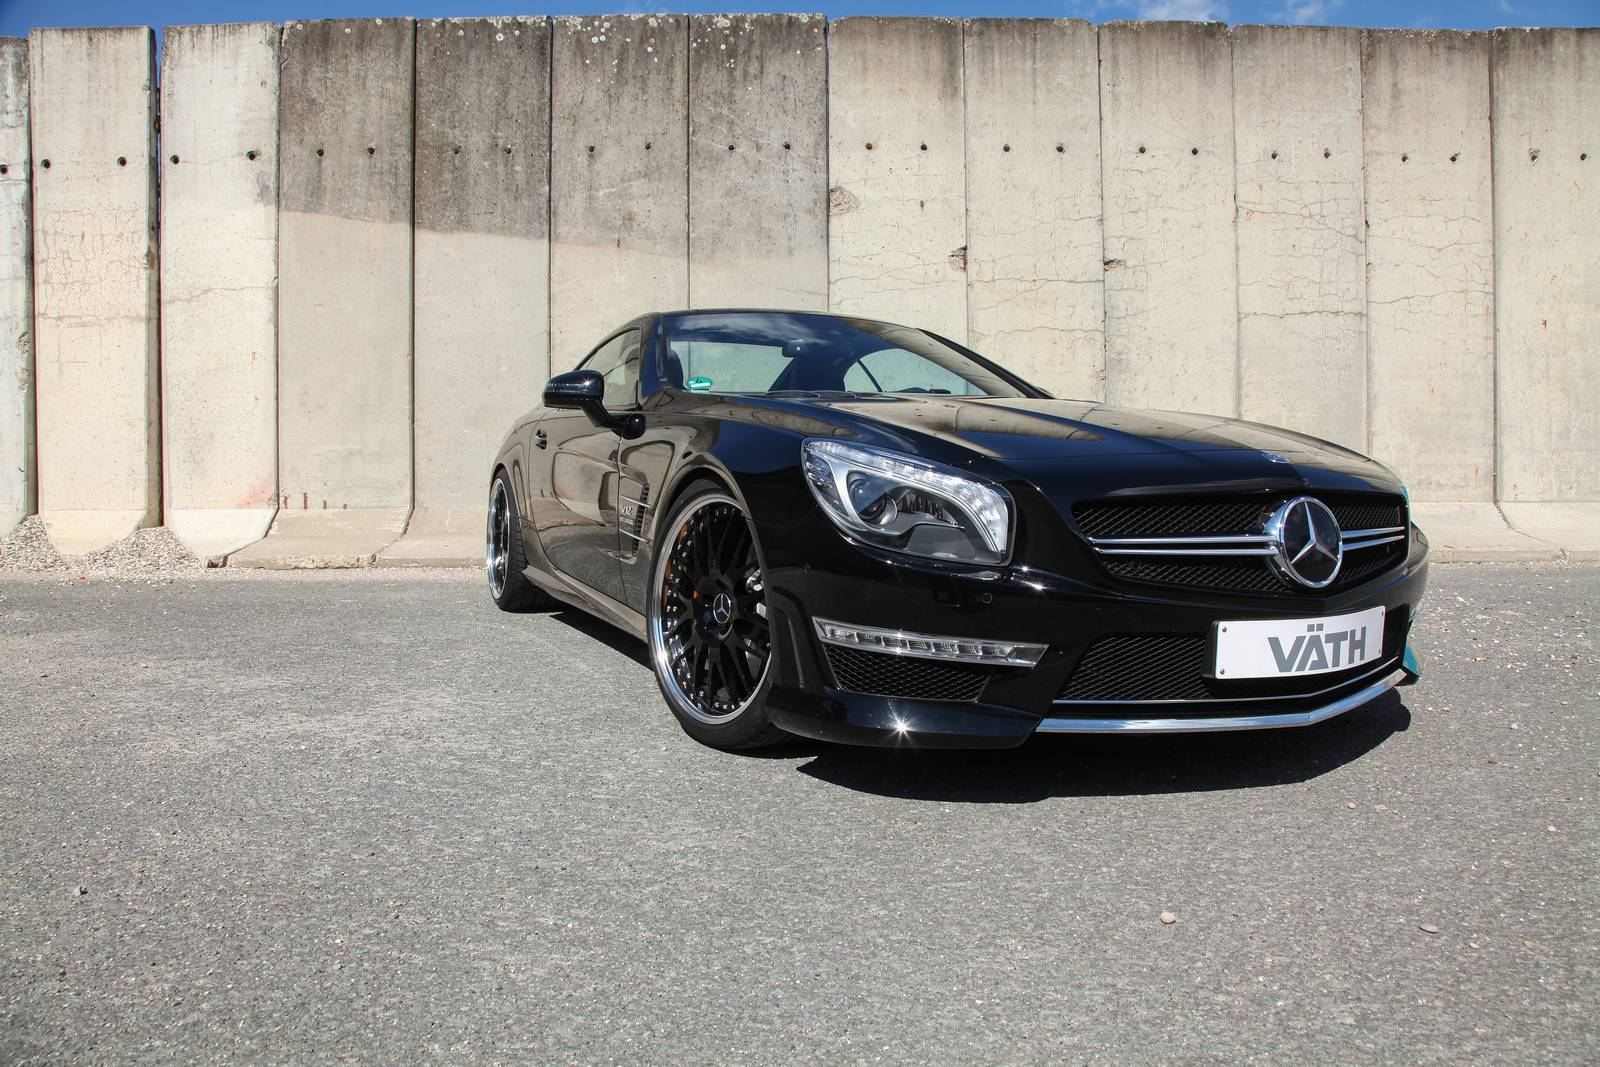 Official 700hp vath mercedes amg sl 65 gtspirit for Mercedes benz slk 65 amg